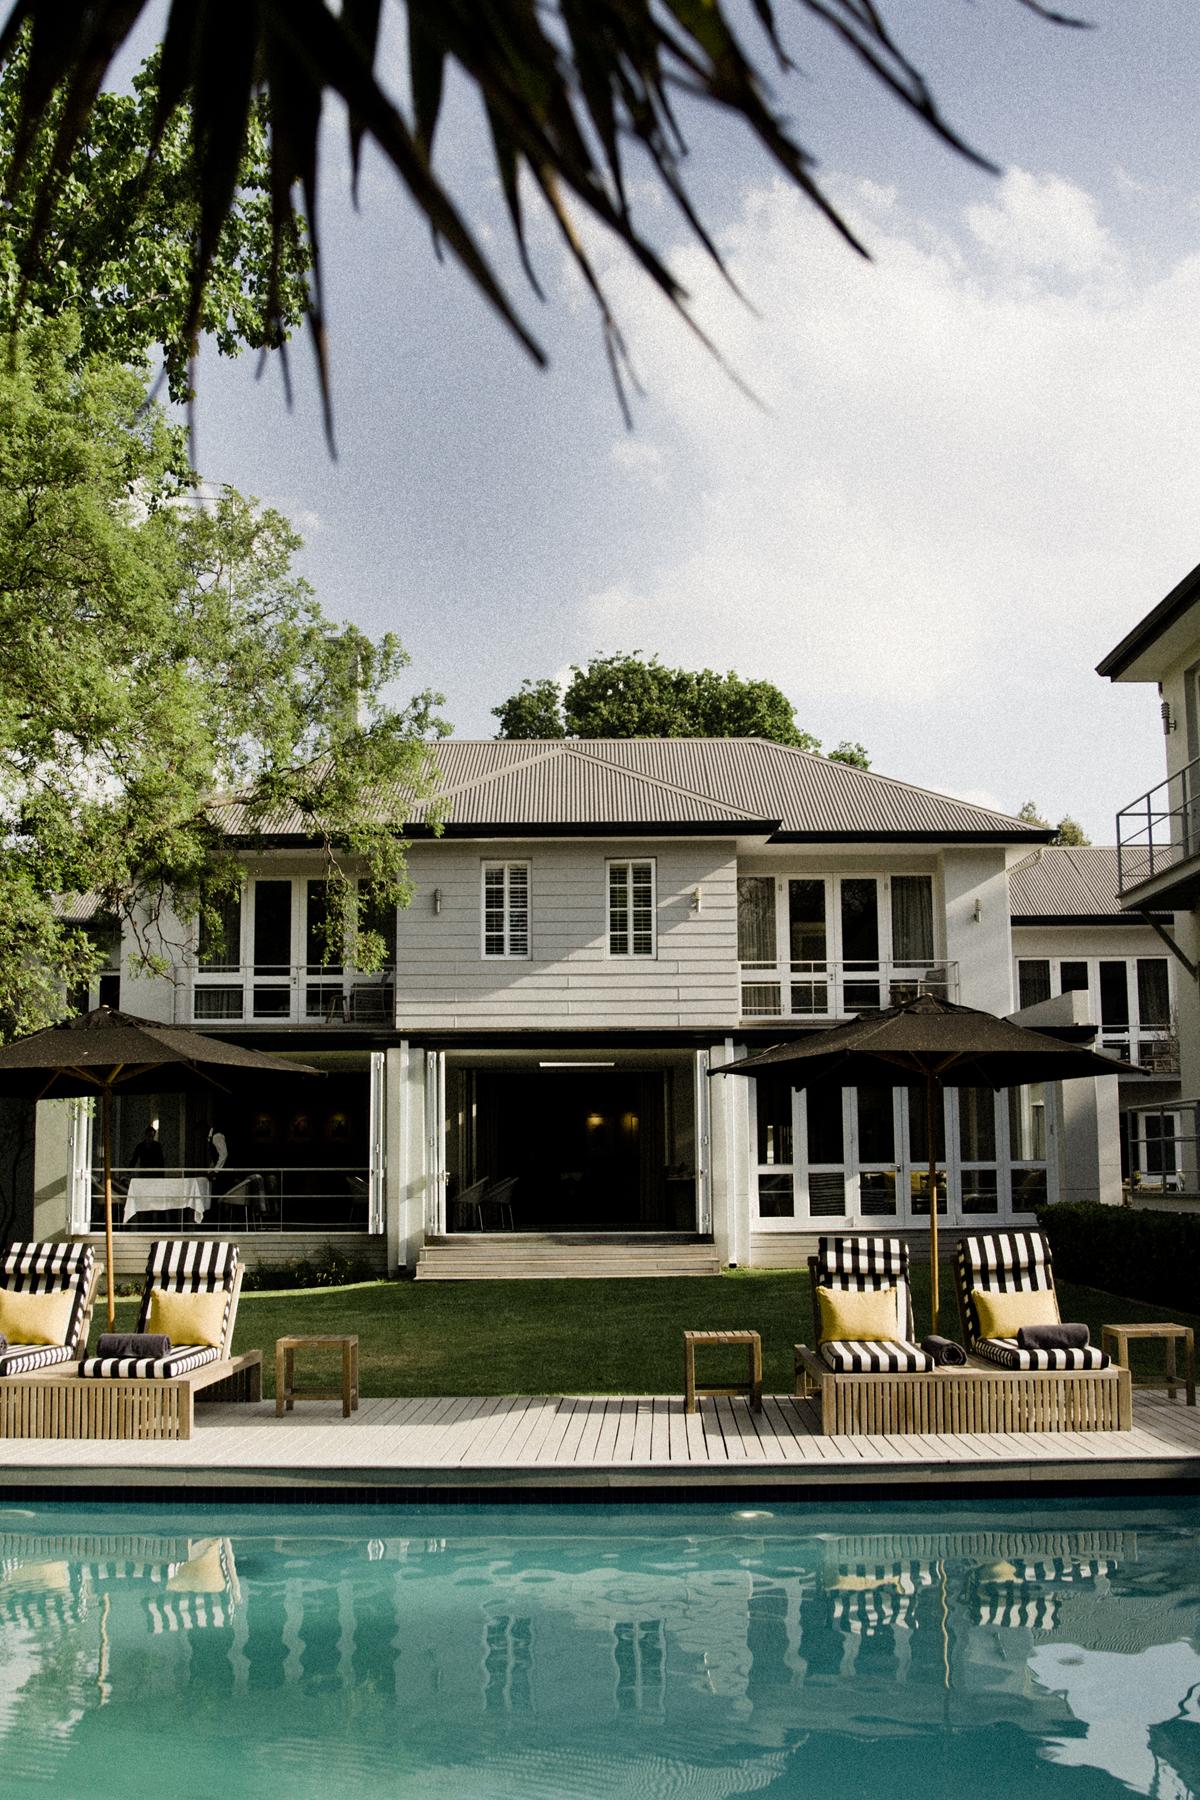 maison afrique awesome une rsidence royale en afrique de luouest nuest pas ce quoi nous. Black Bedroom Furniture Sets. Home Design Ideas